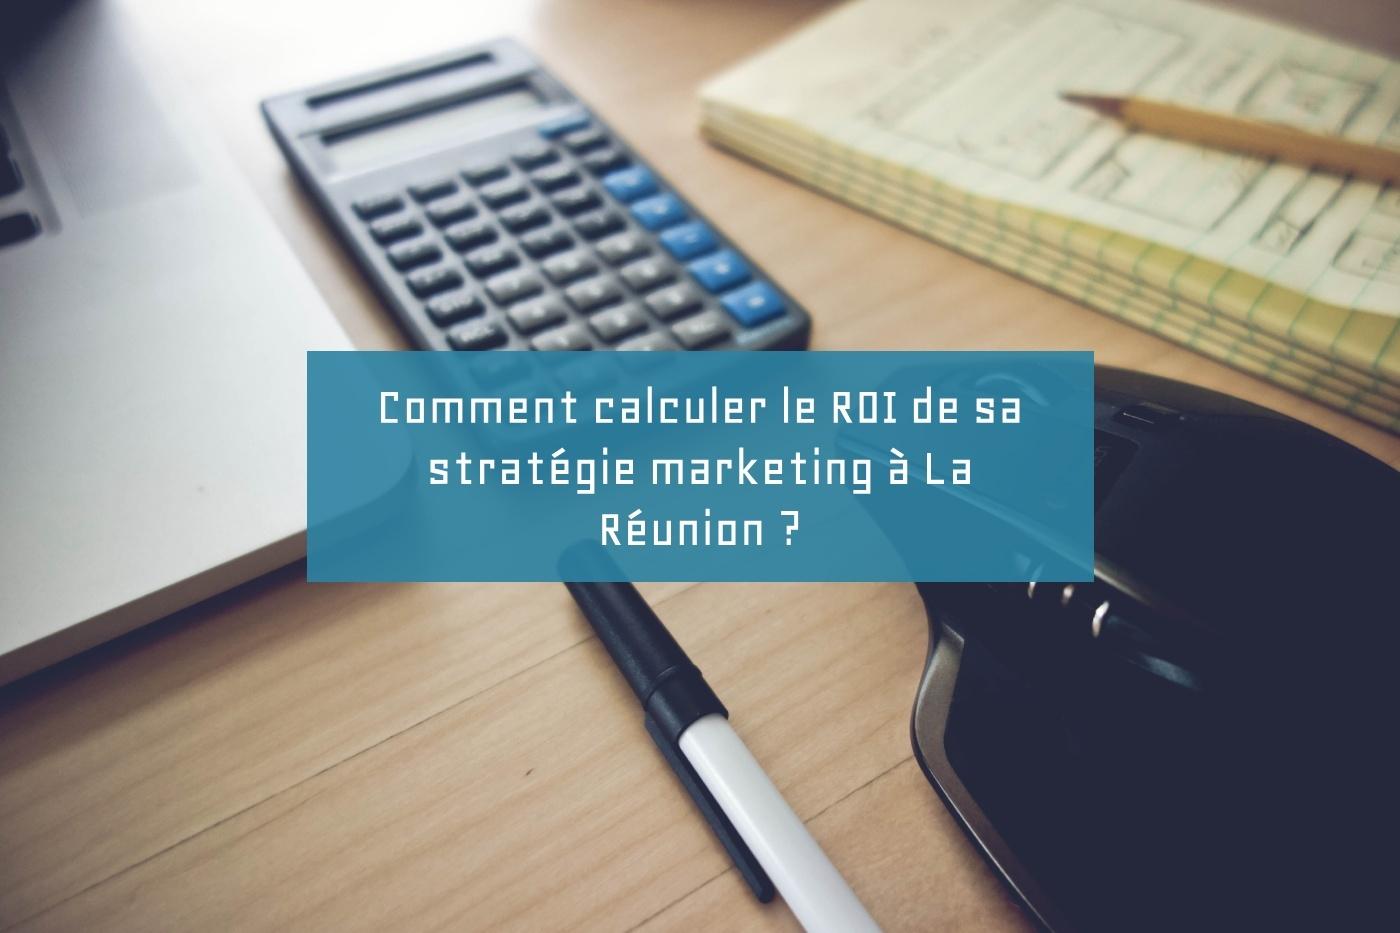 Comment calculer le ROI de sa stratégie marketing à La Réunion ?